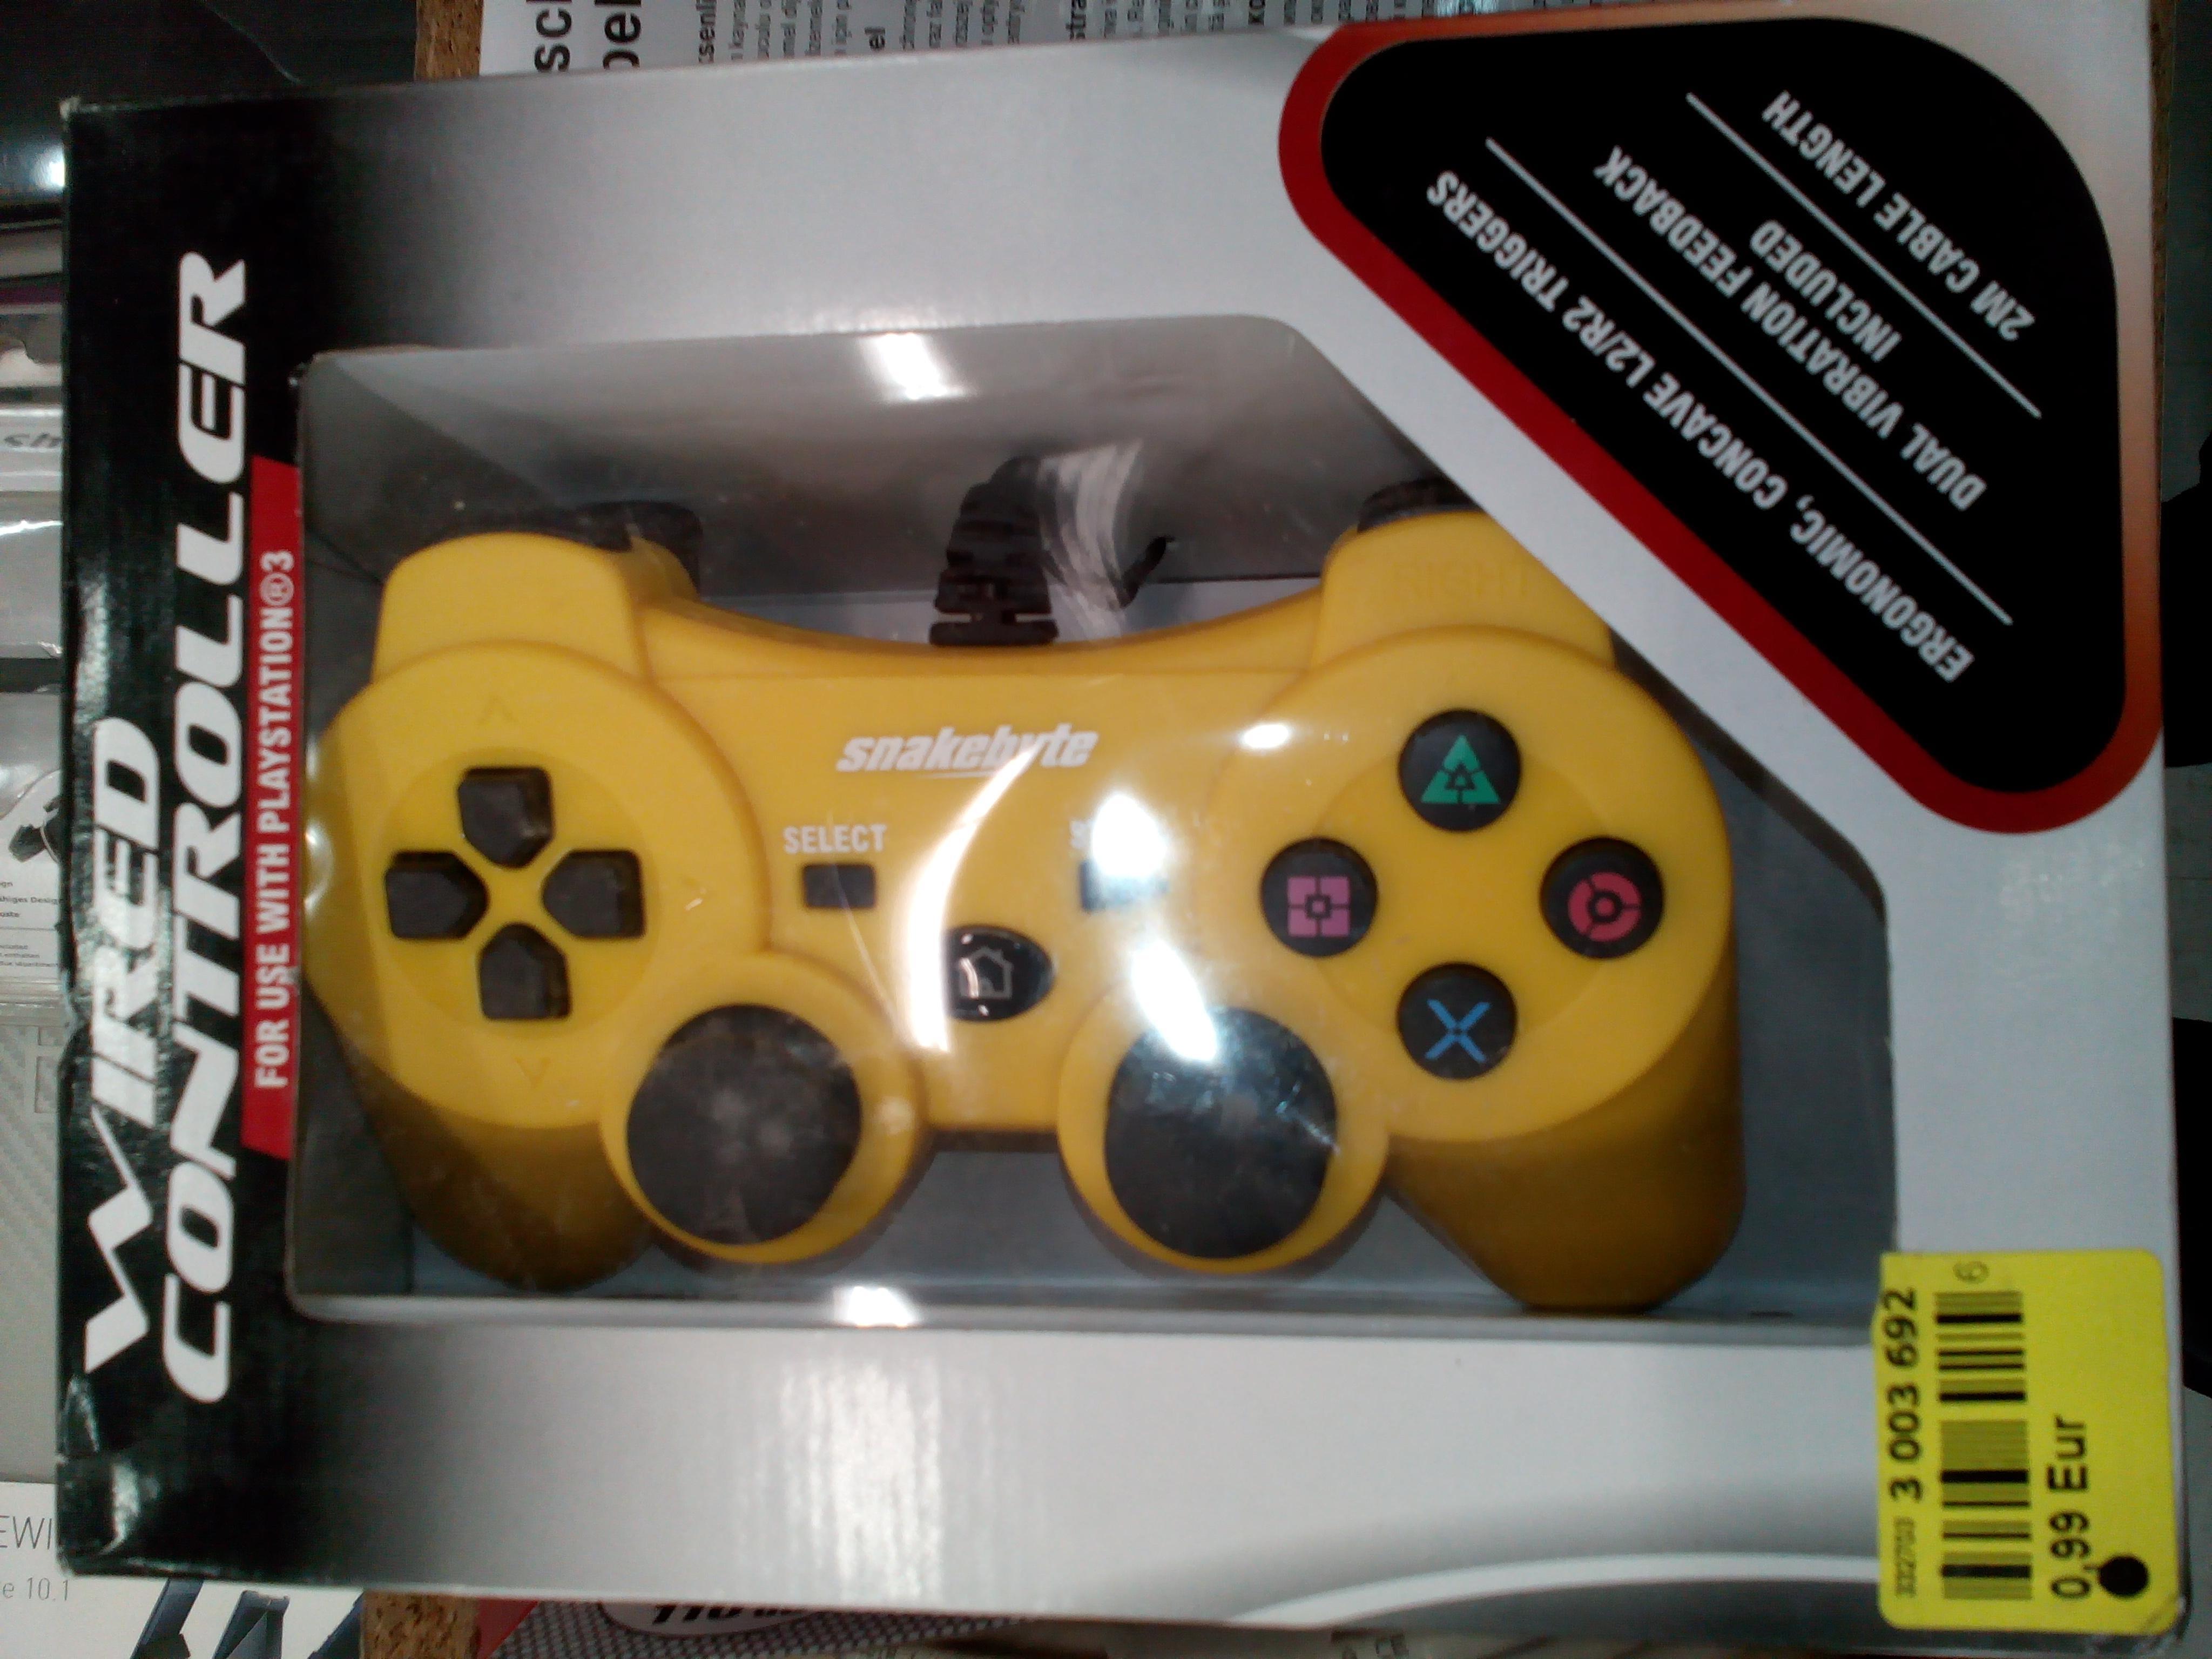 Manette filaire  (non officielle)  pour  PlayStation 3